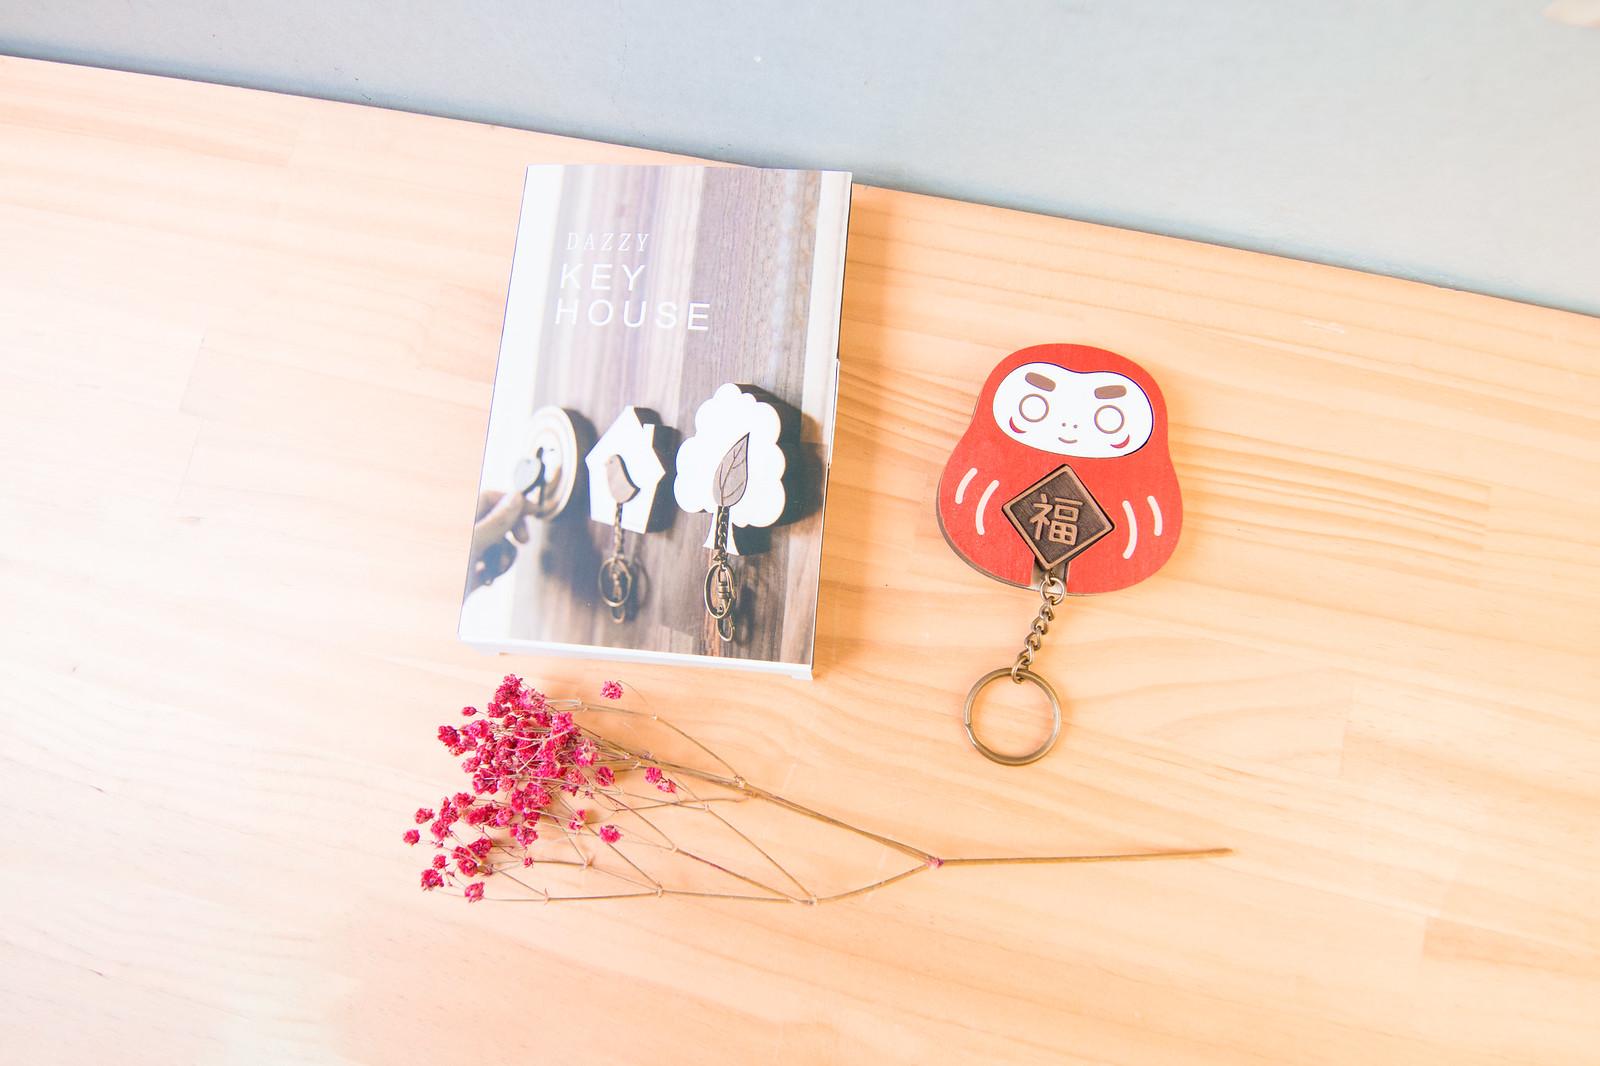 鑰匙圈 客製化 禮物 特色產品 居家 台灣設計 生日 情人節 日本 吉祥物 紅色 療癒 聖誕節 收納 裝飾 吊飾 送禮 中性 木 楓木 胡桃木 鑰匙